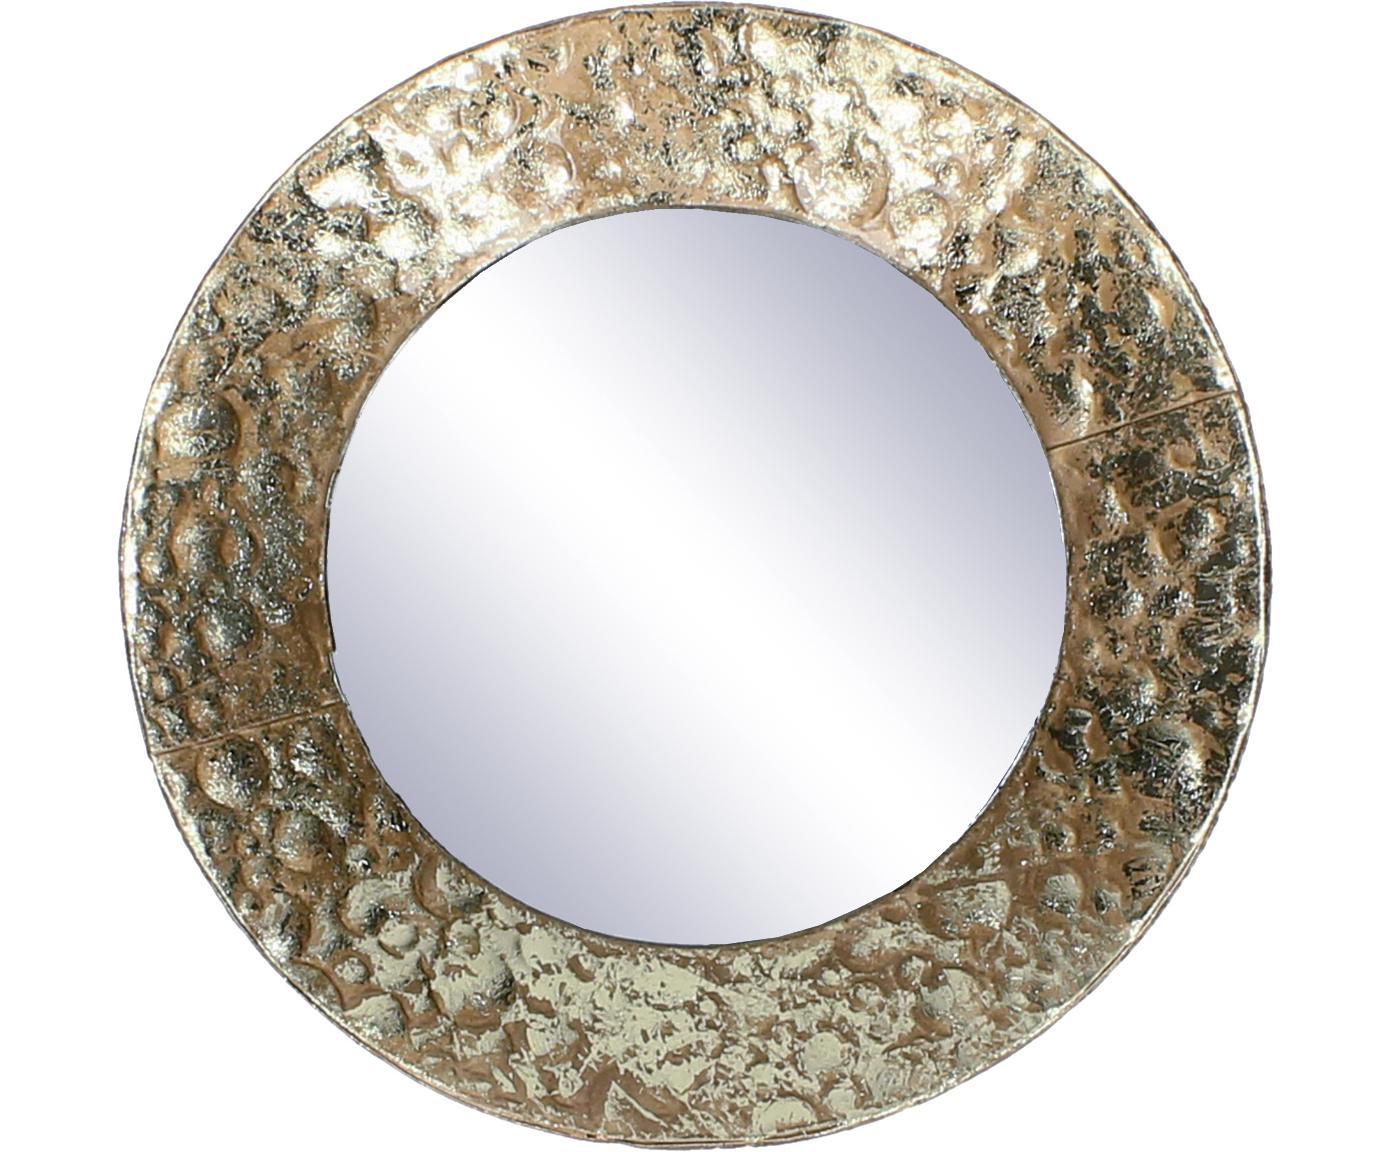 Runder Wandspiegel Fridy mit Messingrahmen, Rahmen: Metall, beschichtet, Spiegelfläche: Spiegelglas, Messingfarben, Ø 21 cm